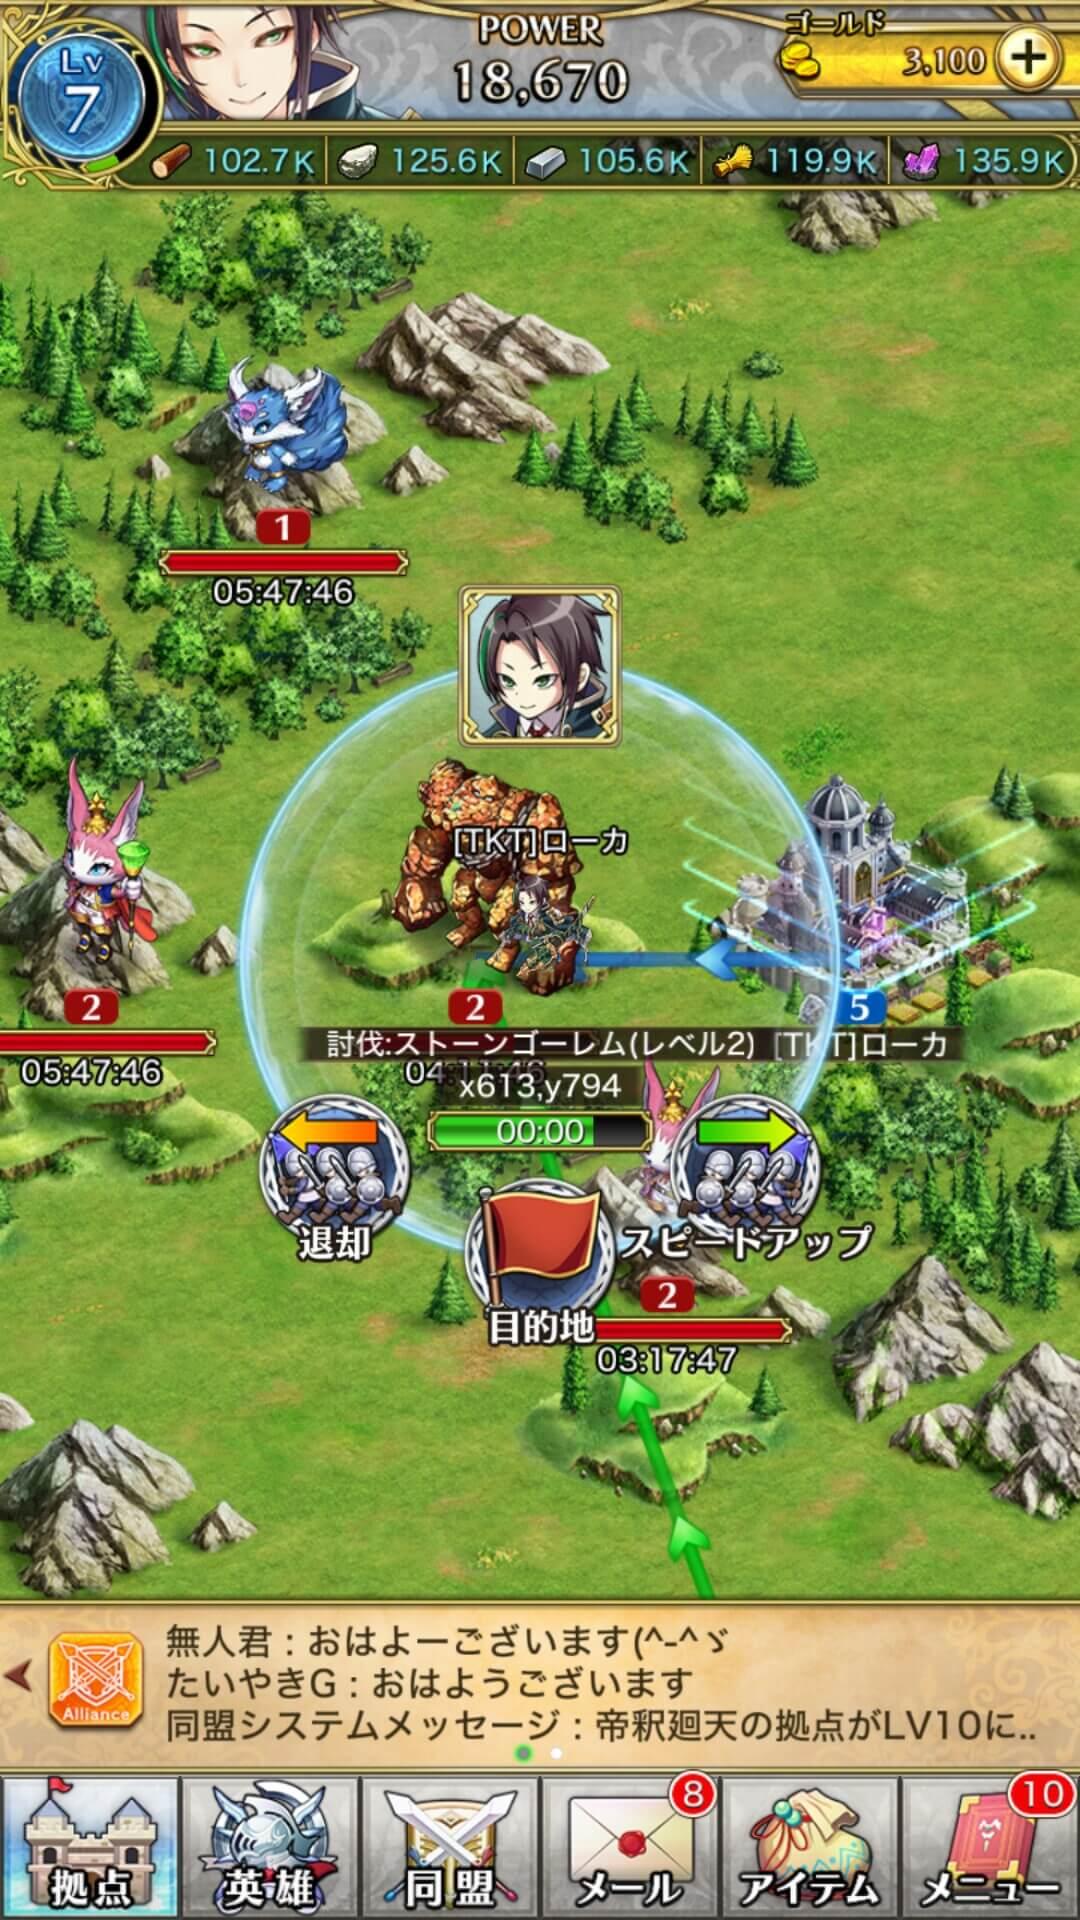 クリスタル オブ リユニオン13 マップ上の魔物画面